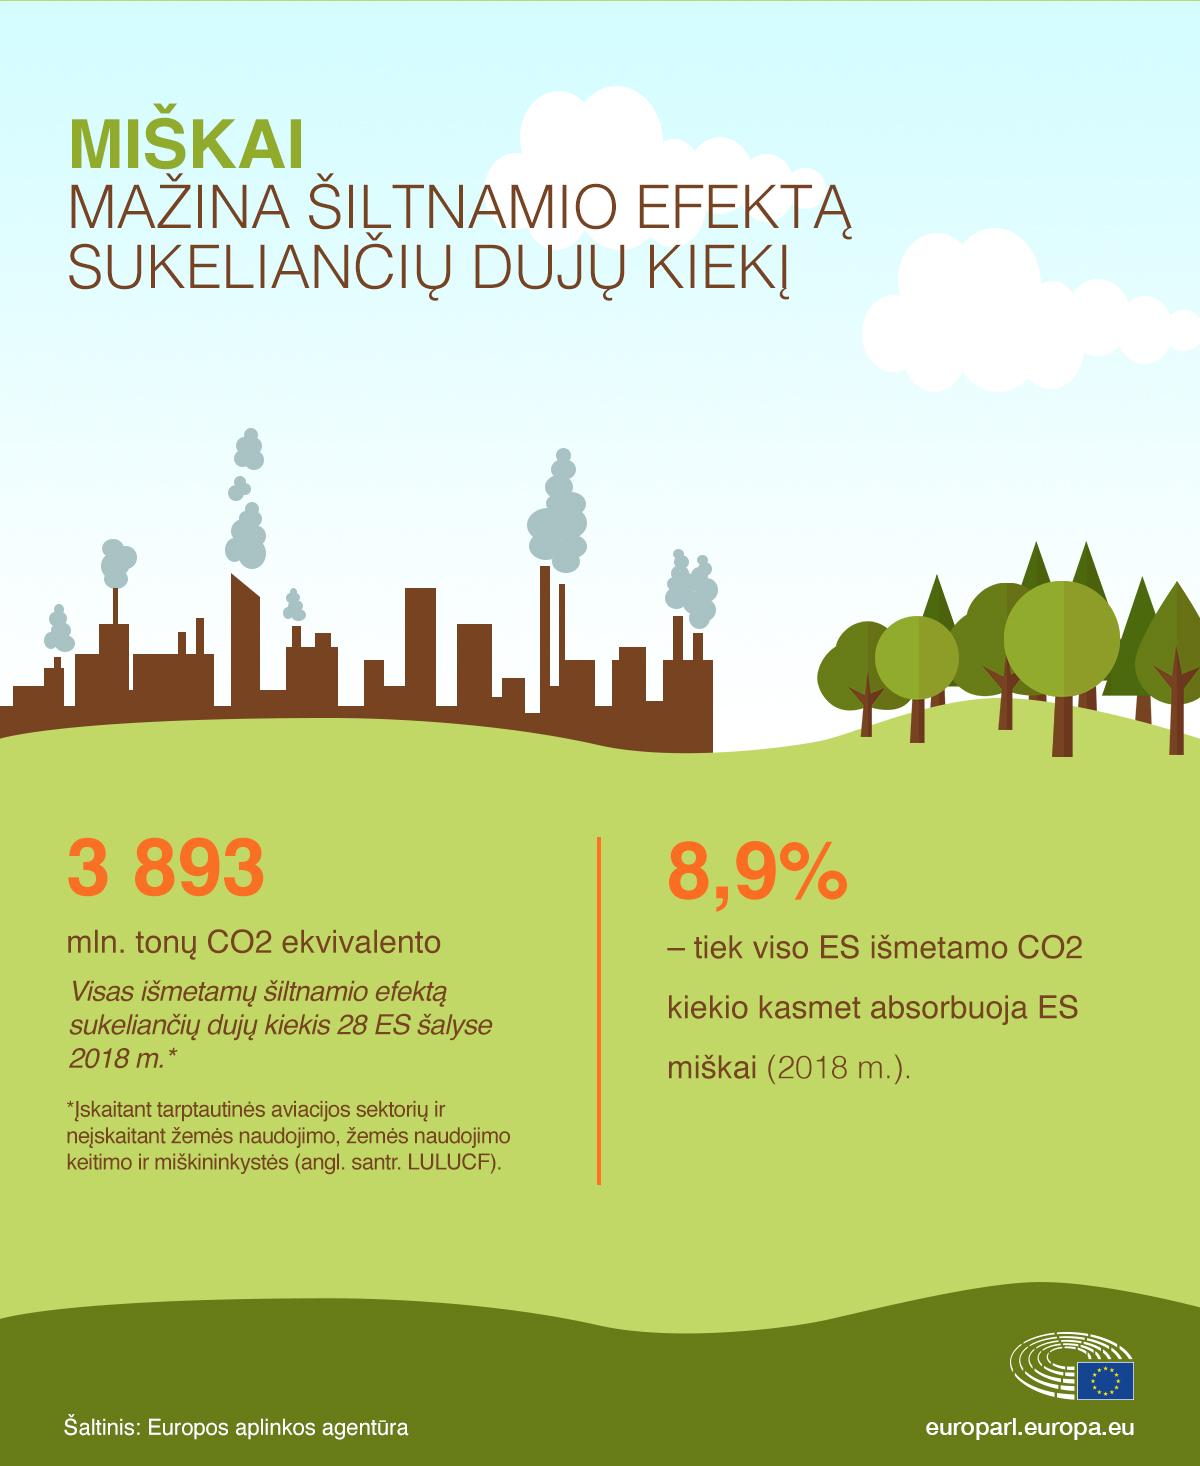 Europos sąjungos aplinkos politika - MRU Repository